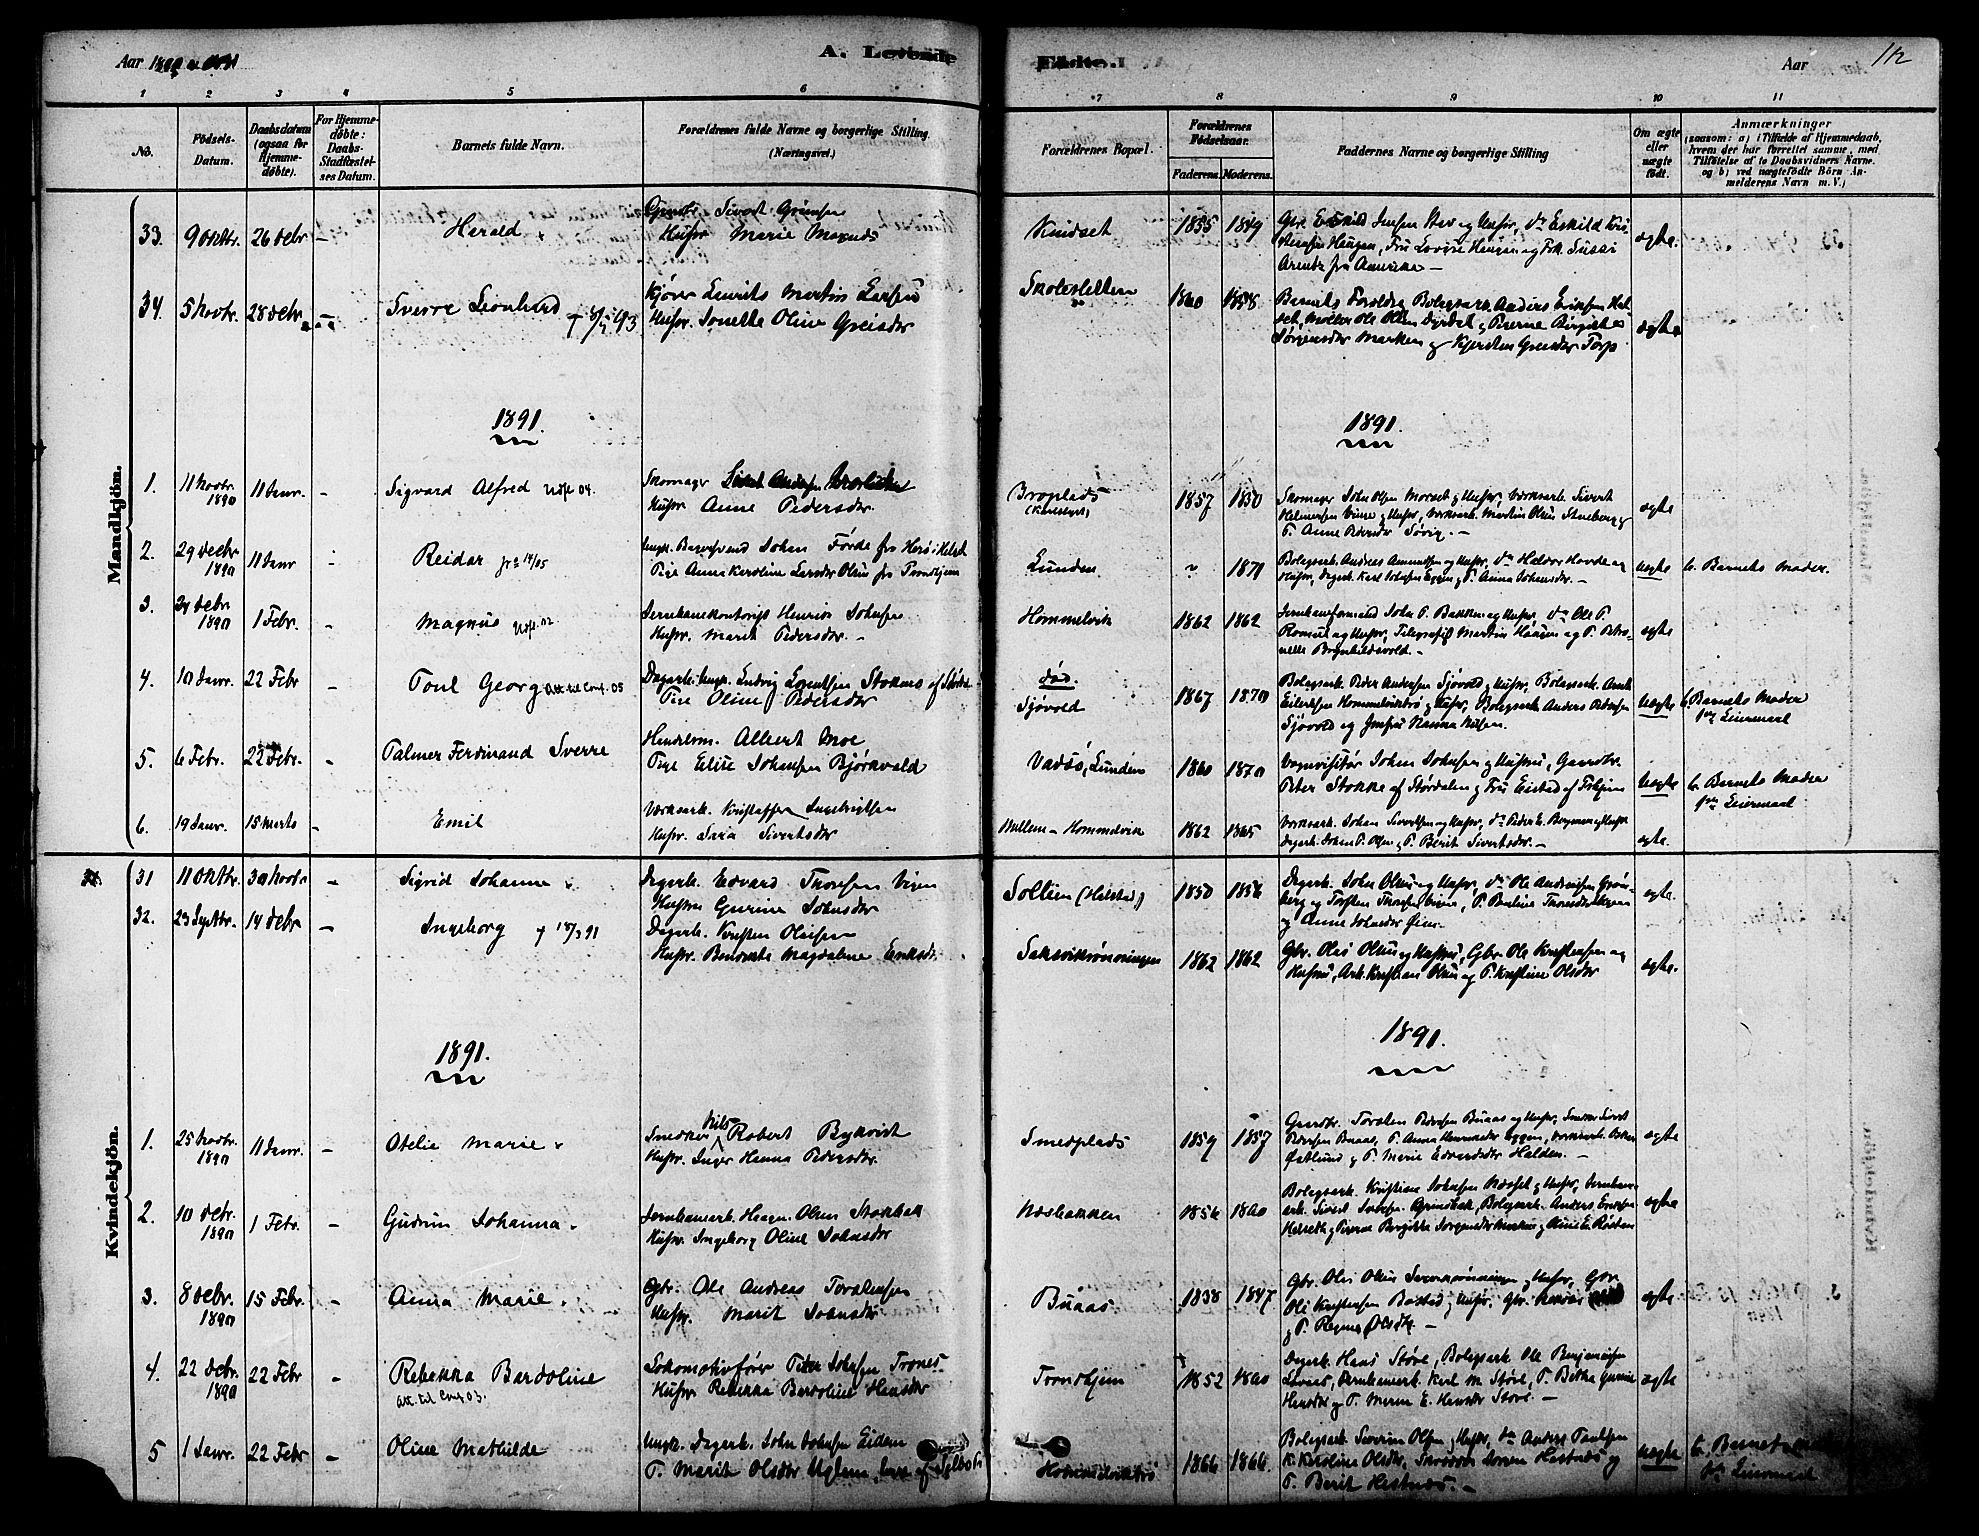 SAT, Ministerialprotokoller, klokkerbøker og fødselsregistre - Sør-Trøndelag, 616/L0410: Ministerialbok nr. 616A07, 1878-1893, s. 112